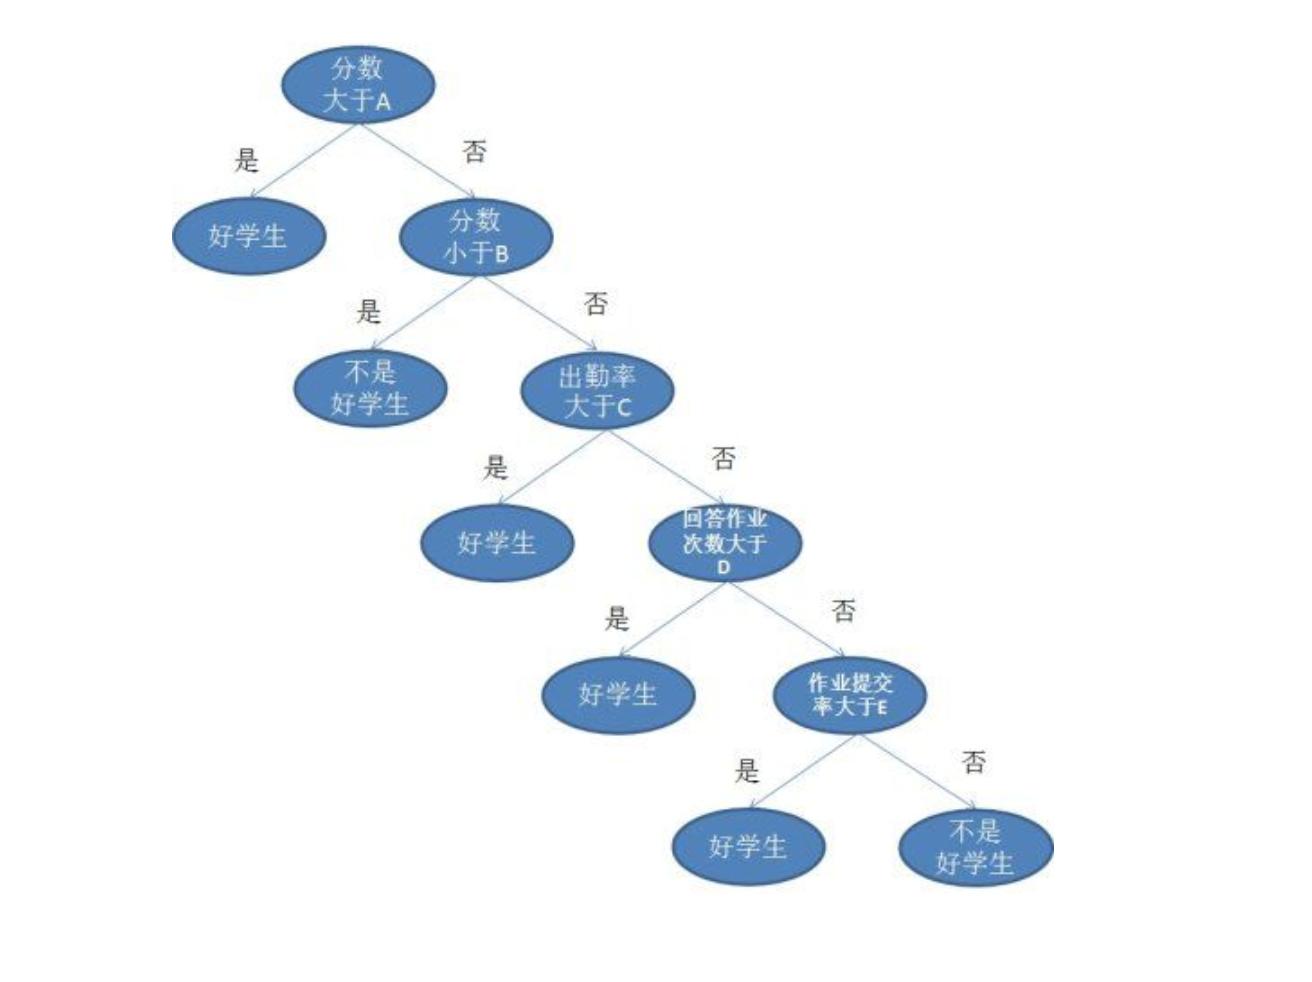 决策树example